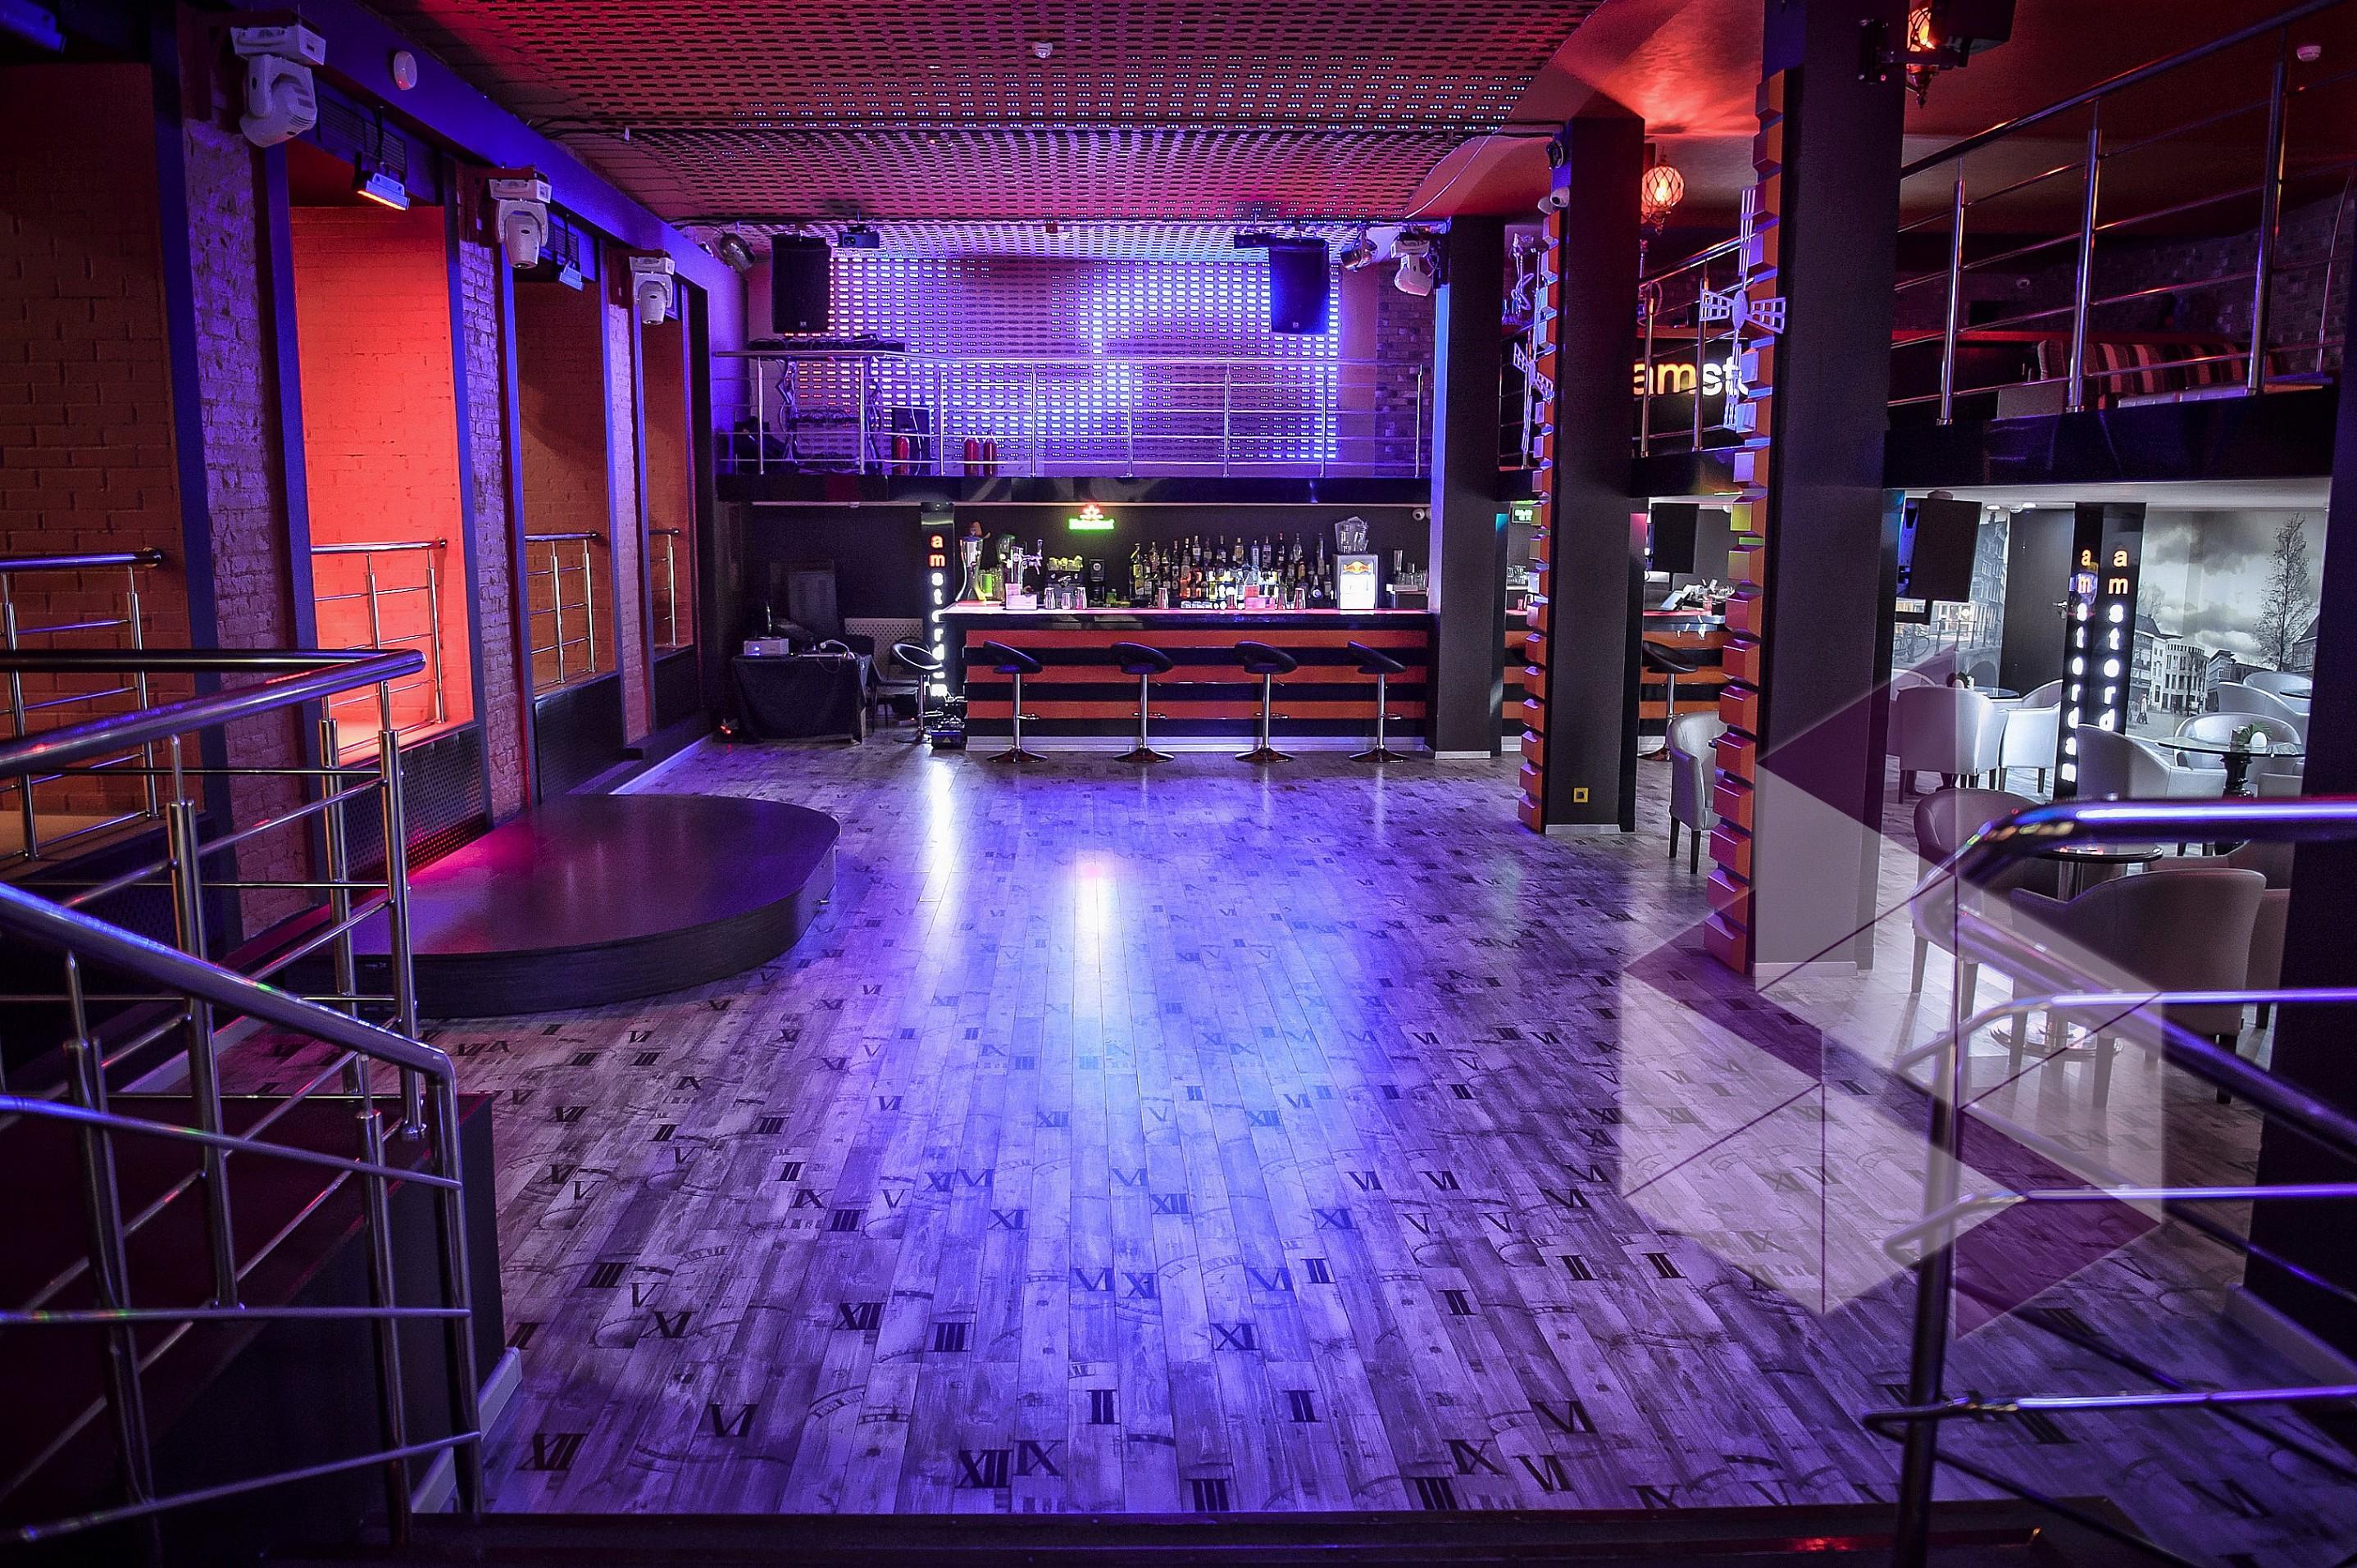 Ночные клуб кирова амстердам ночном клубе онлайн